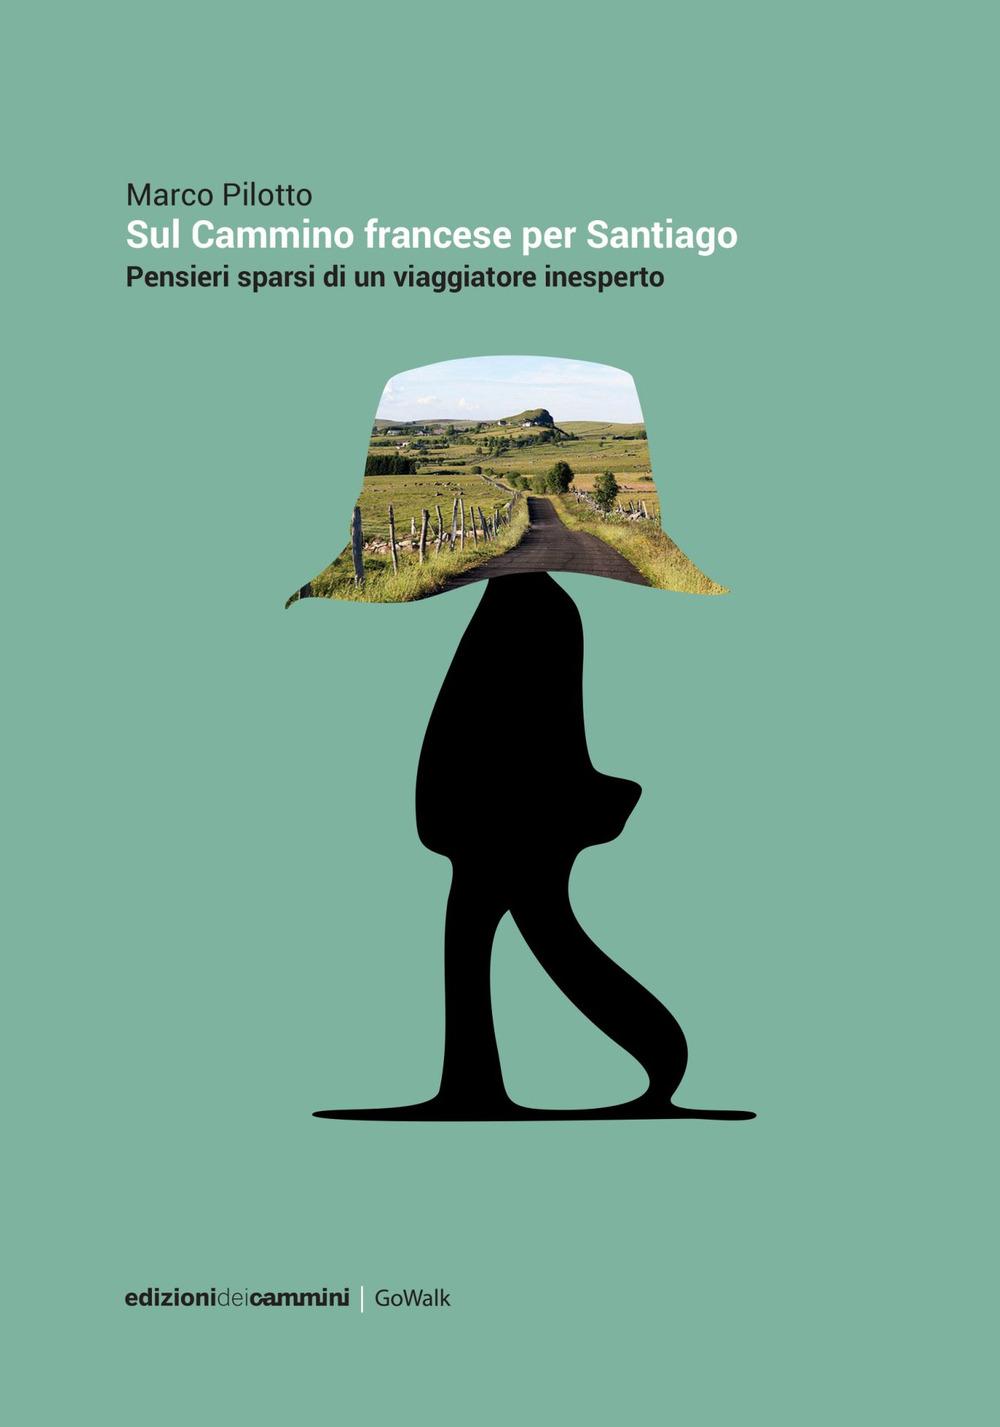 SUL CAMMINO FRANCESE PER SANTIAGO - 9788899240325